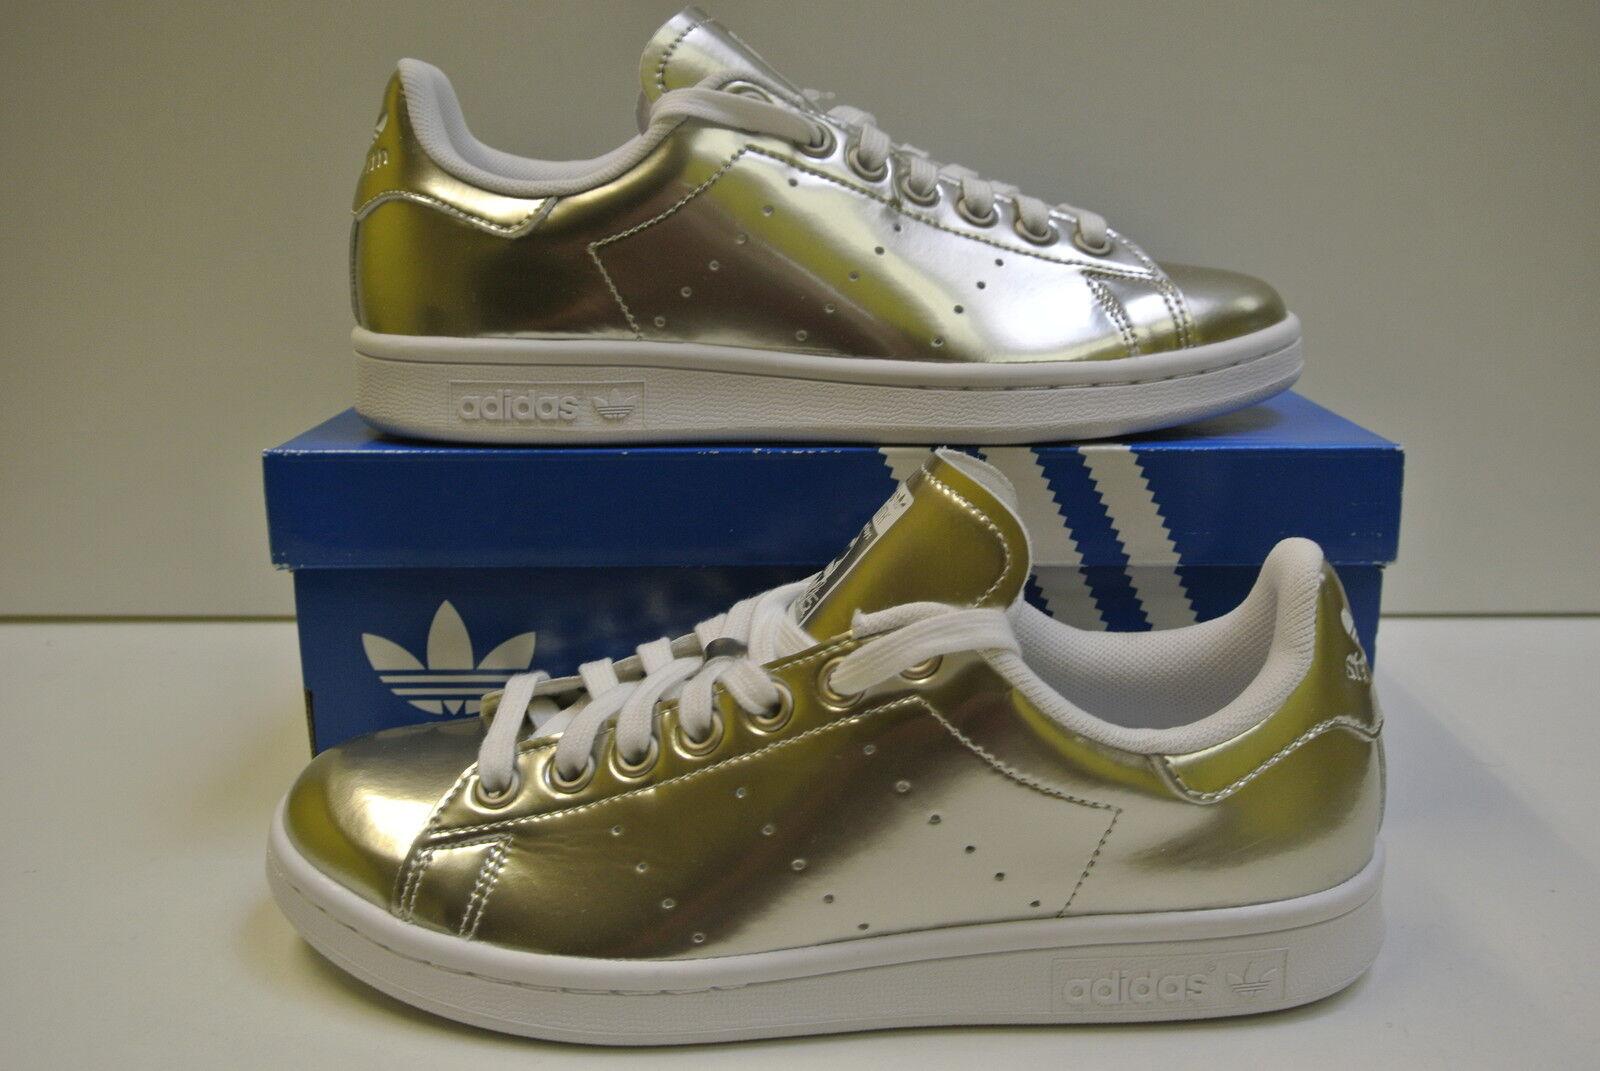 Adidas Stan Smith W OVP Gr. wählbar  Neu & OVP W AQ6804 289854